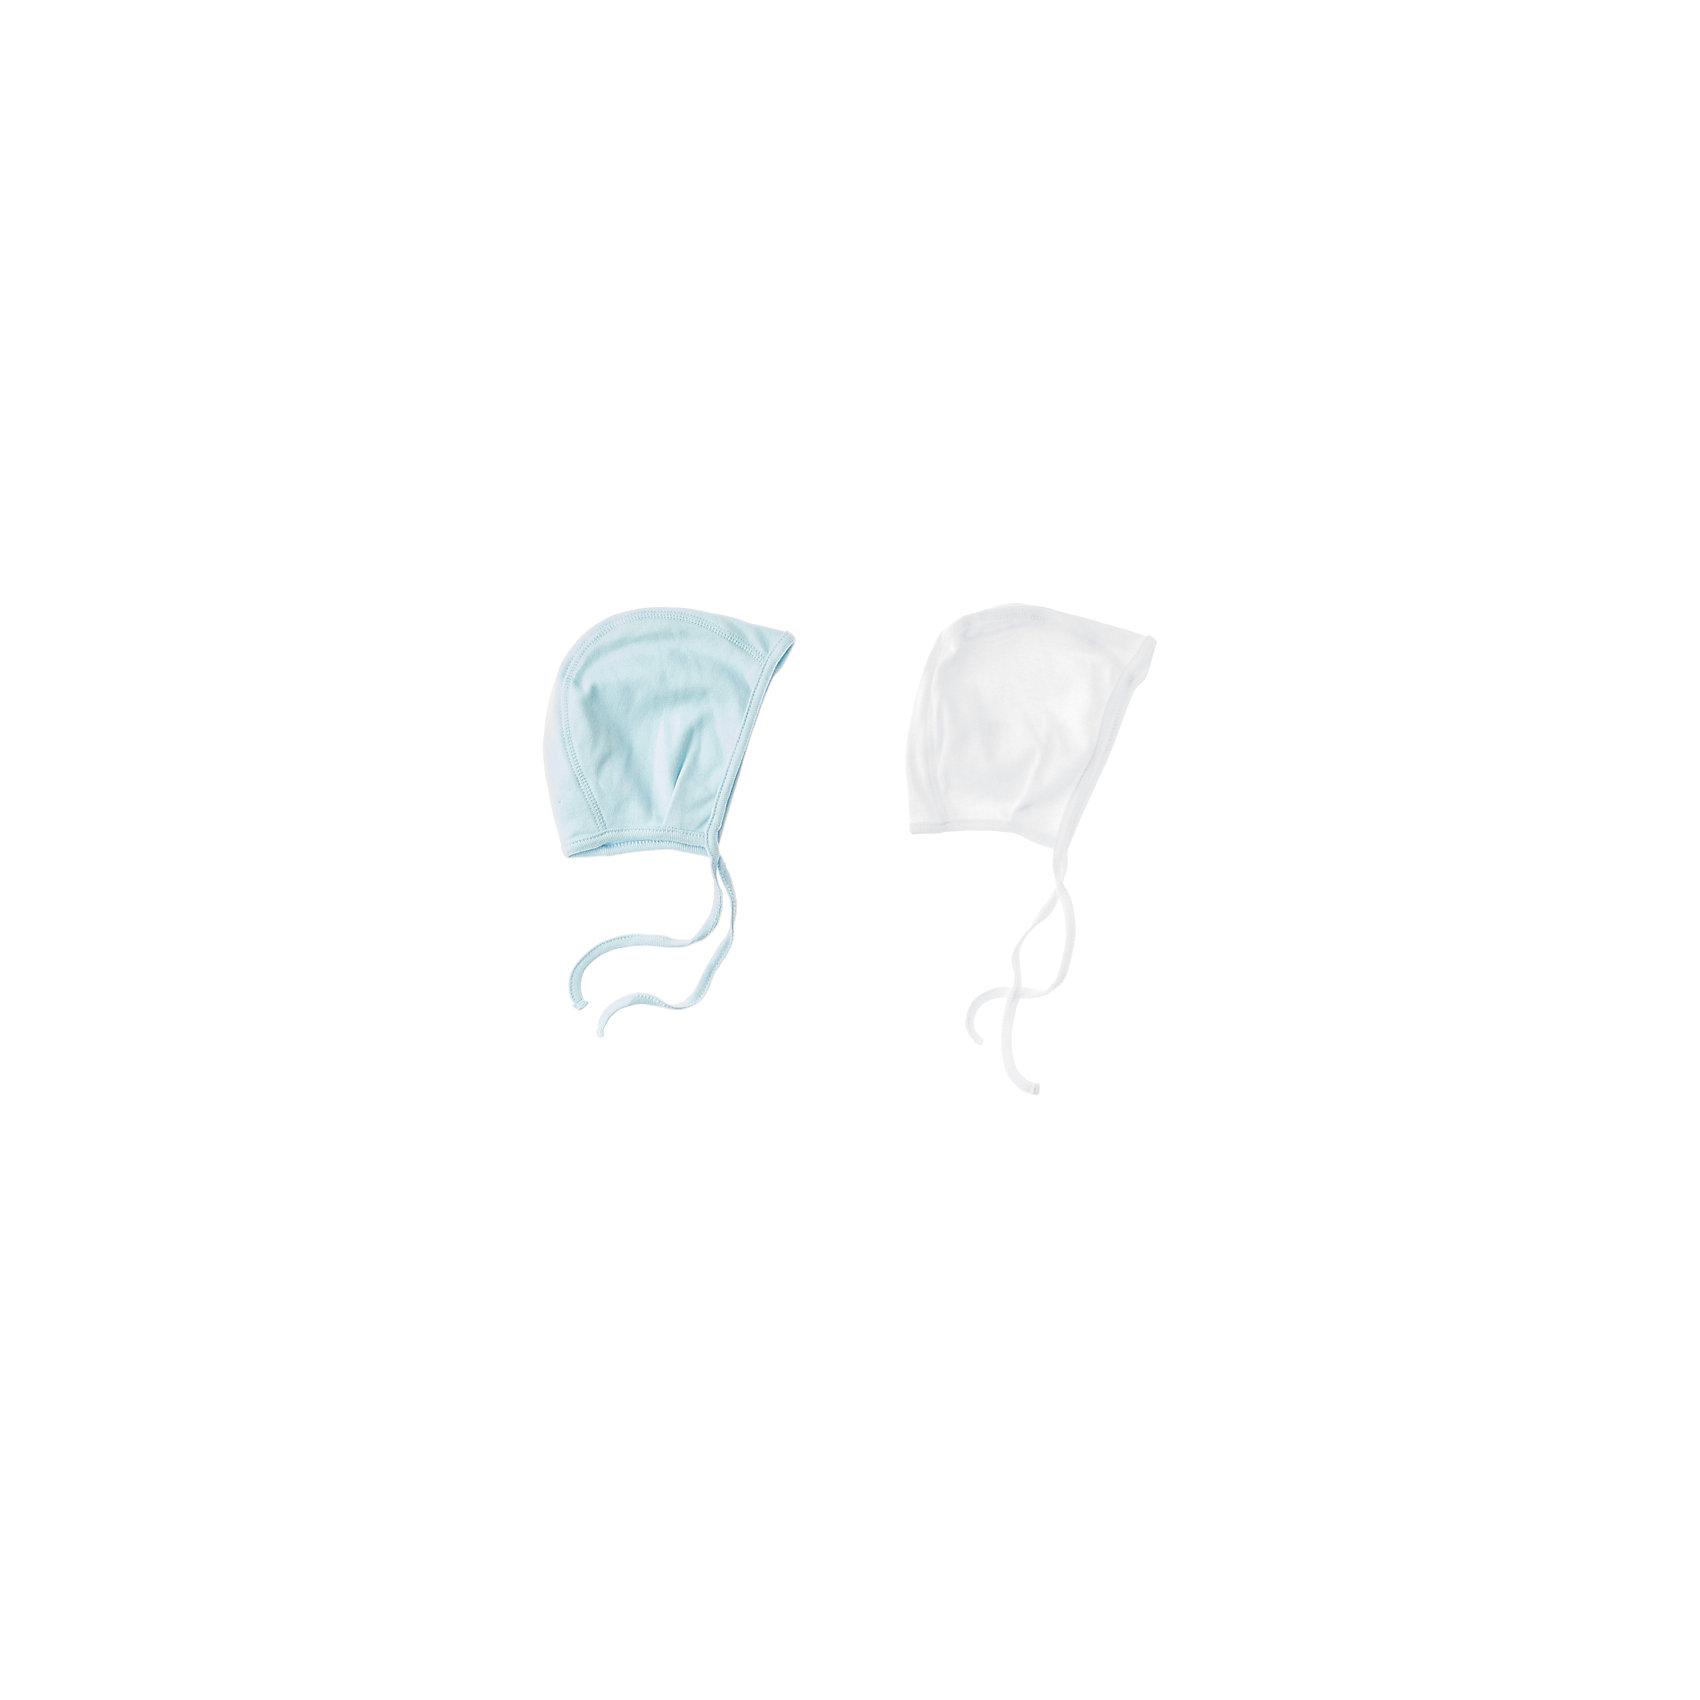 Чепчик (2 шт.) для мальчика PlayTodayЧепчик (2 шт.) для мальчика PlayToday Комплект из двух хлопковых чепчиков для новорожденного. Состав: 100% хлопок<br><br>Ширина мм: 157<br>Глубина мм: 13<br>Высота мм: 119<br>Вес г: 200<br>Цвет: белый<br>Возраст от месяцев: 3<br>Возраст до месяцев: 3<br>Пол: Мужской<br>Возраст: Детский<br>Размер: 42,40,44<br>SKU: 4229215